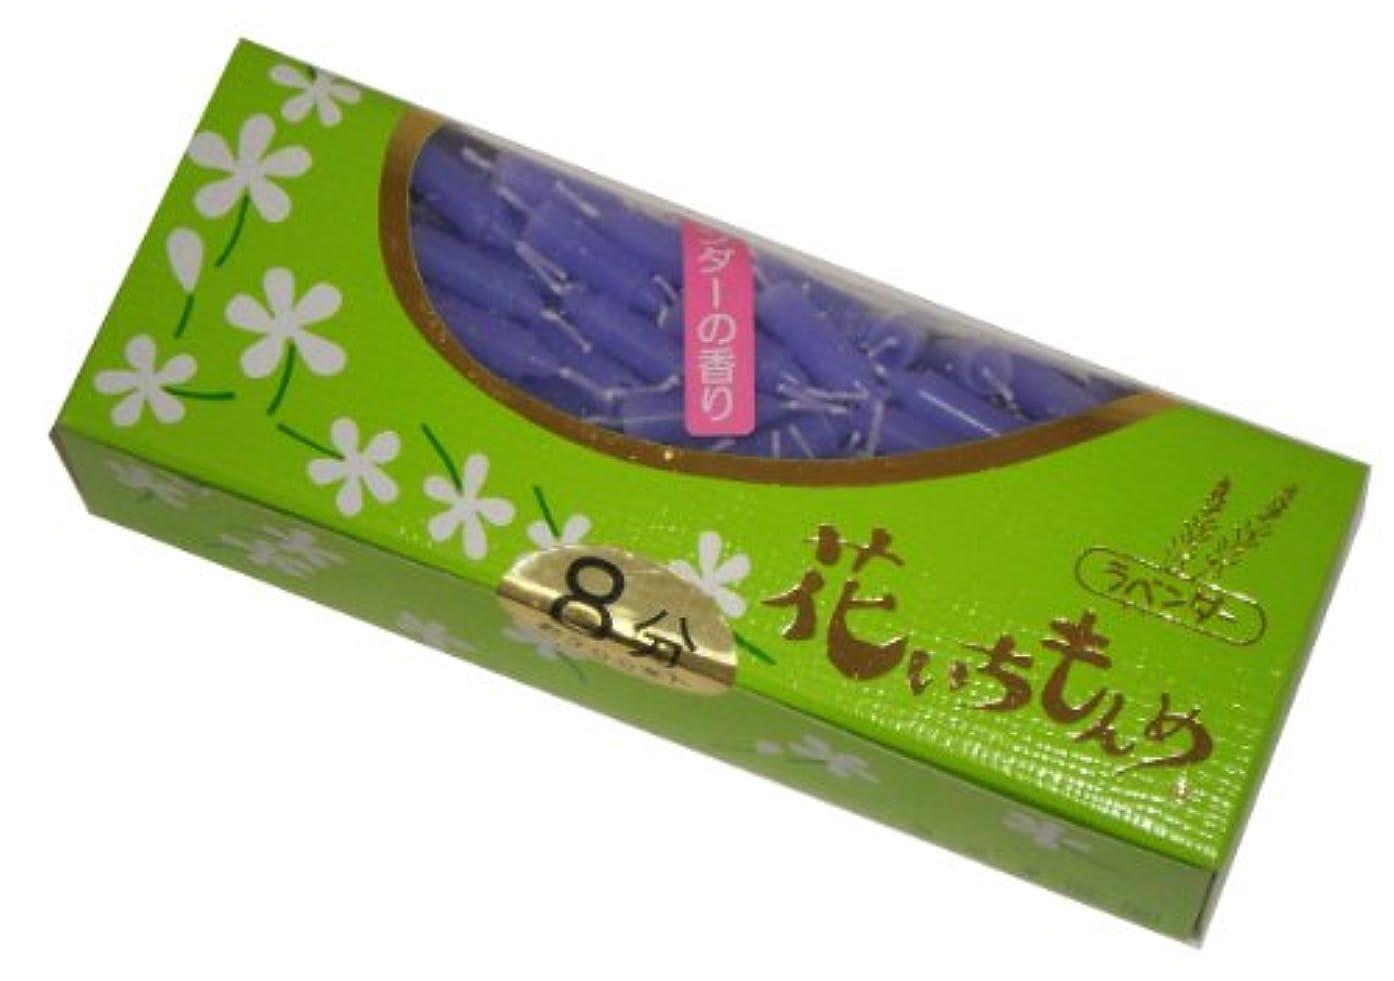 マイナー天国幻想的佐藤油脂のローソク 花いちもんめ ラベンダー 約300本 8分